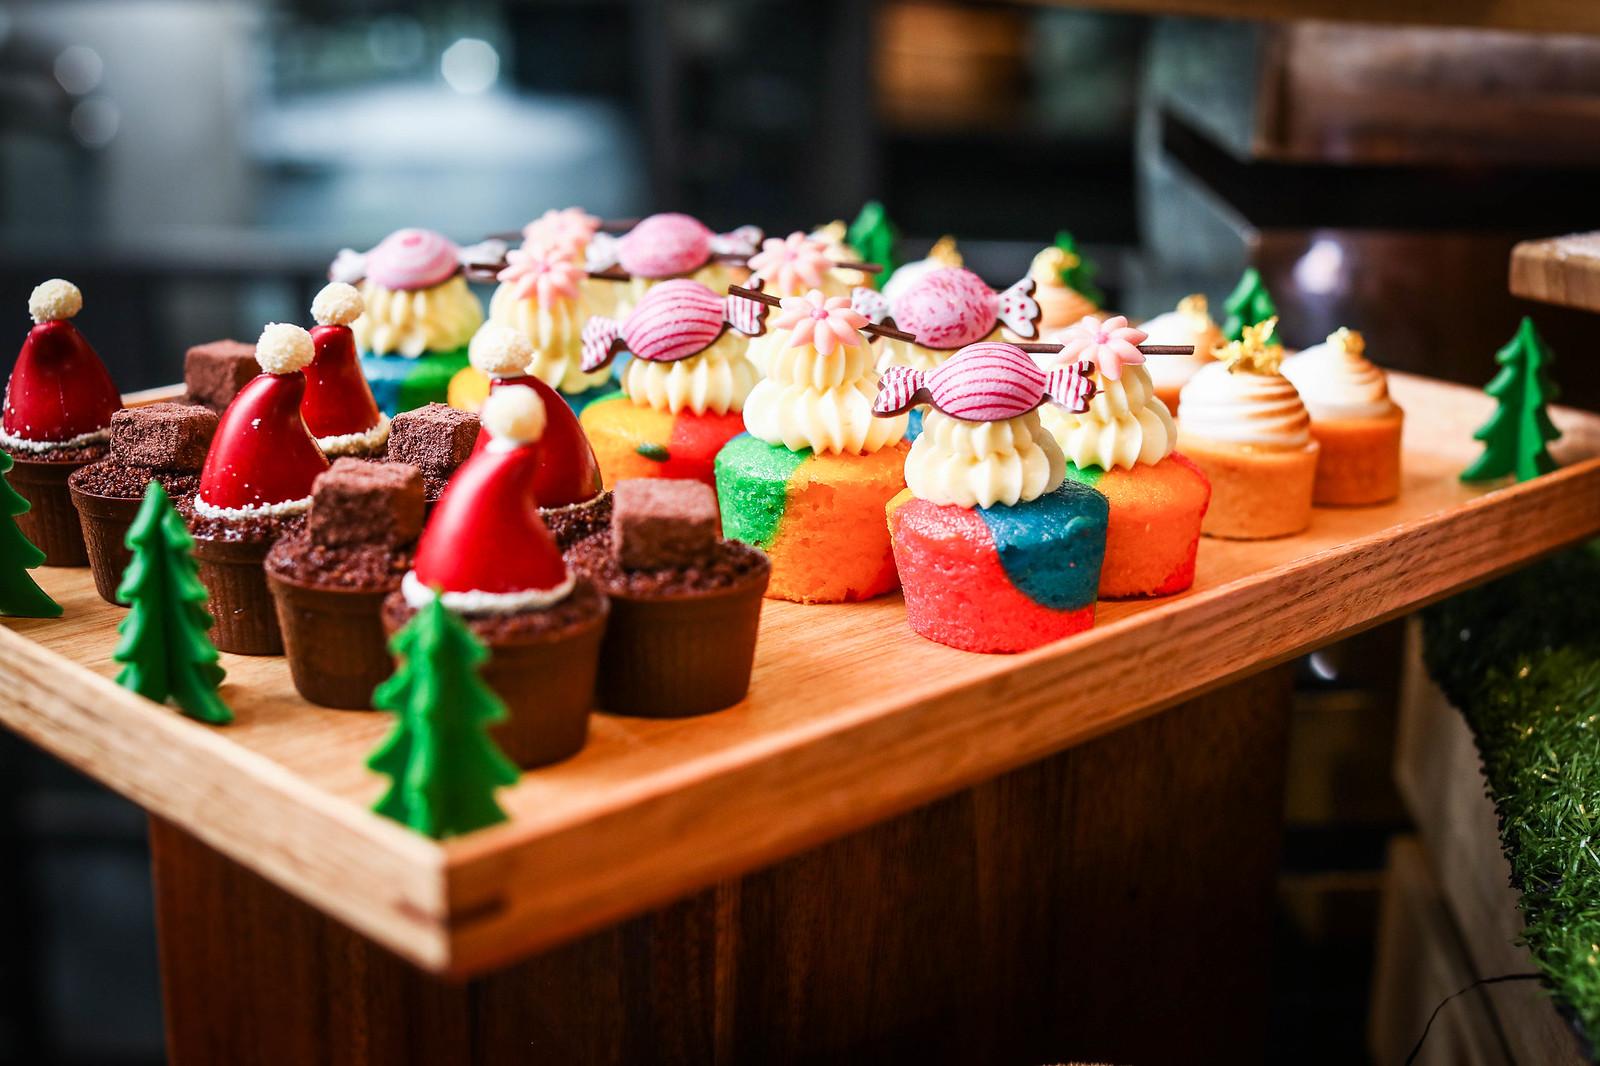 Finger desserts